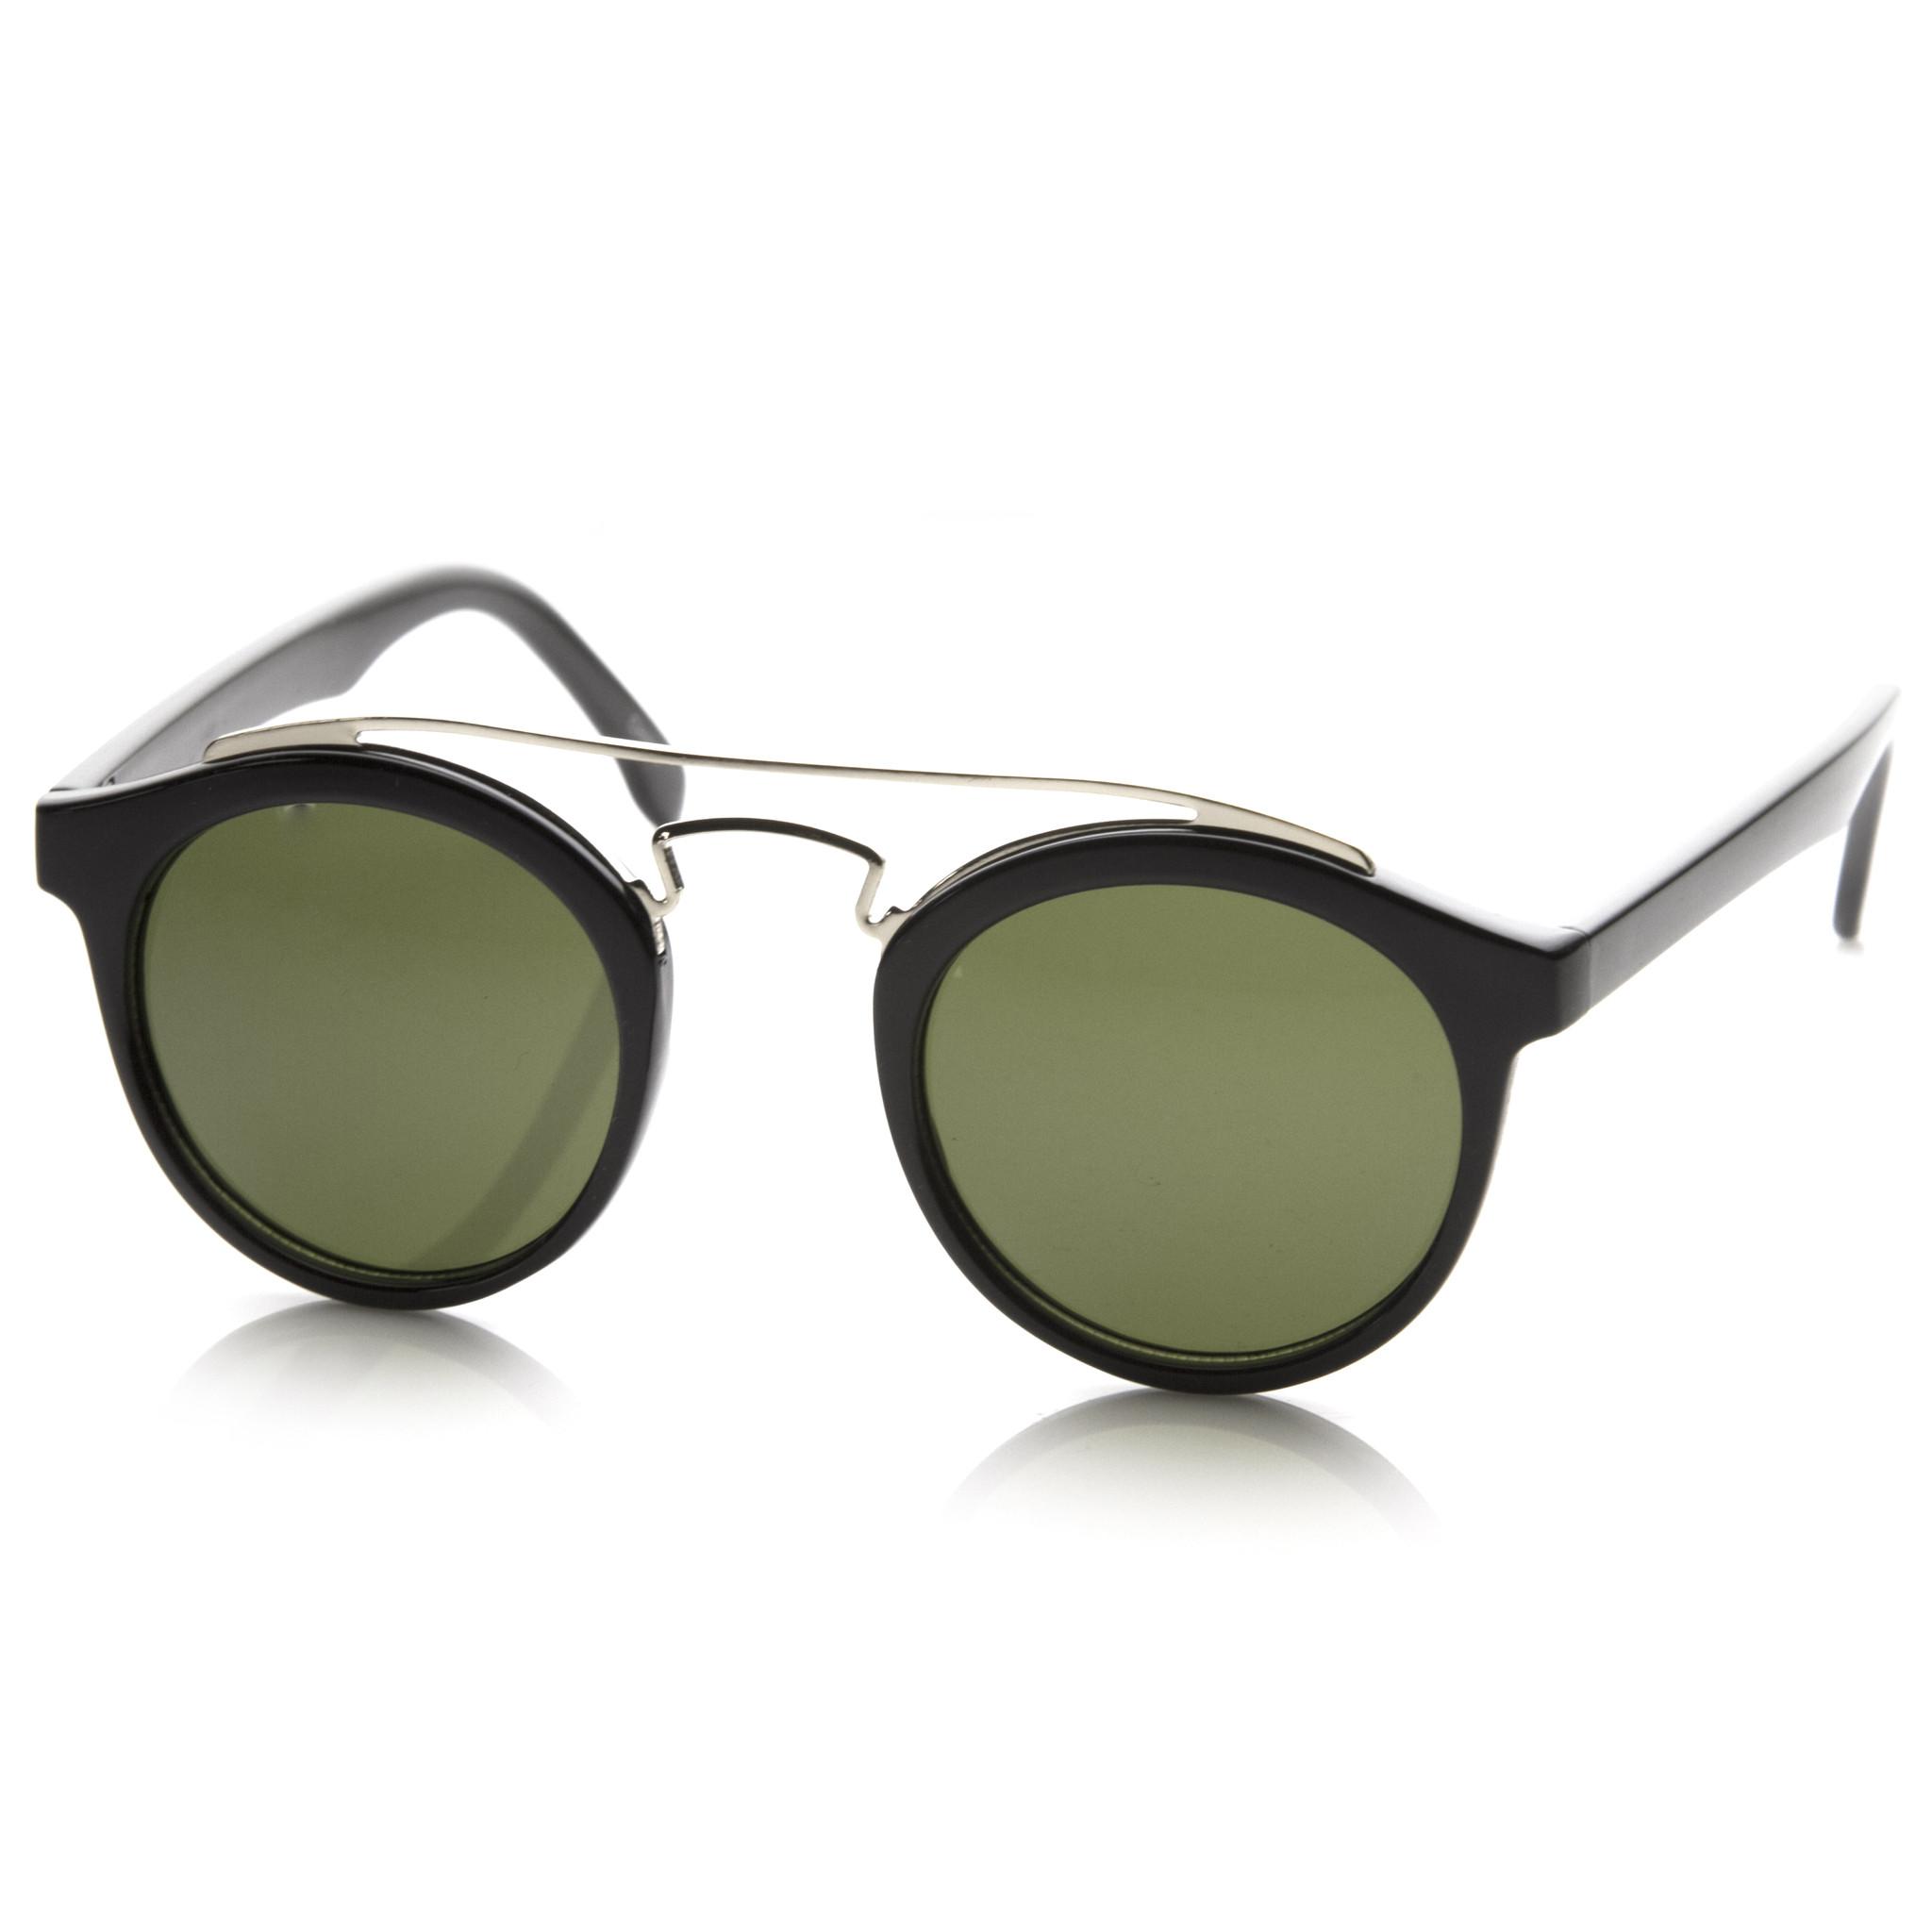 Retro Dapper Cross Bar P3 Round Aviator Sunglasses 8700